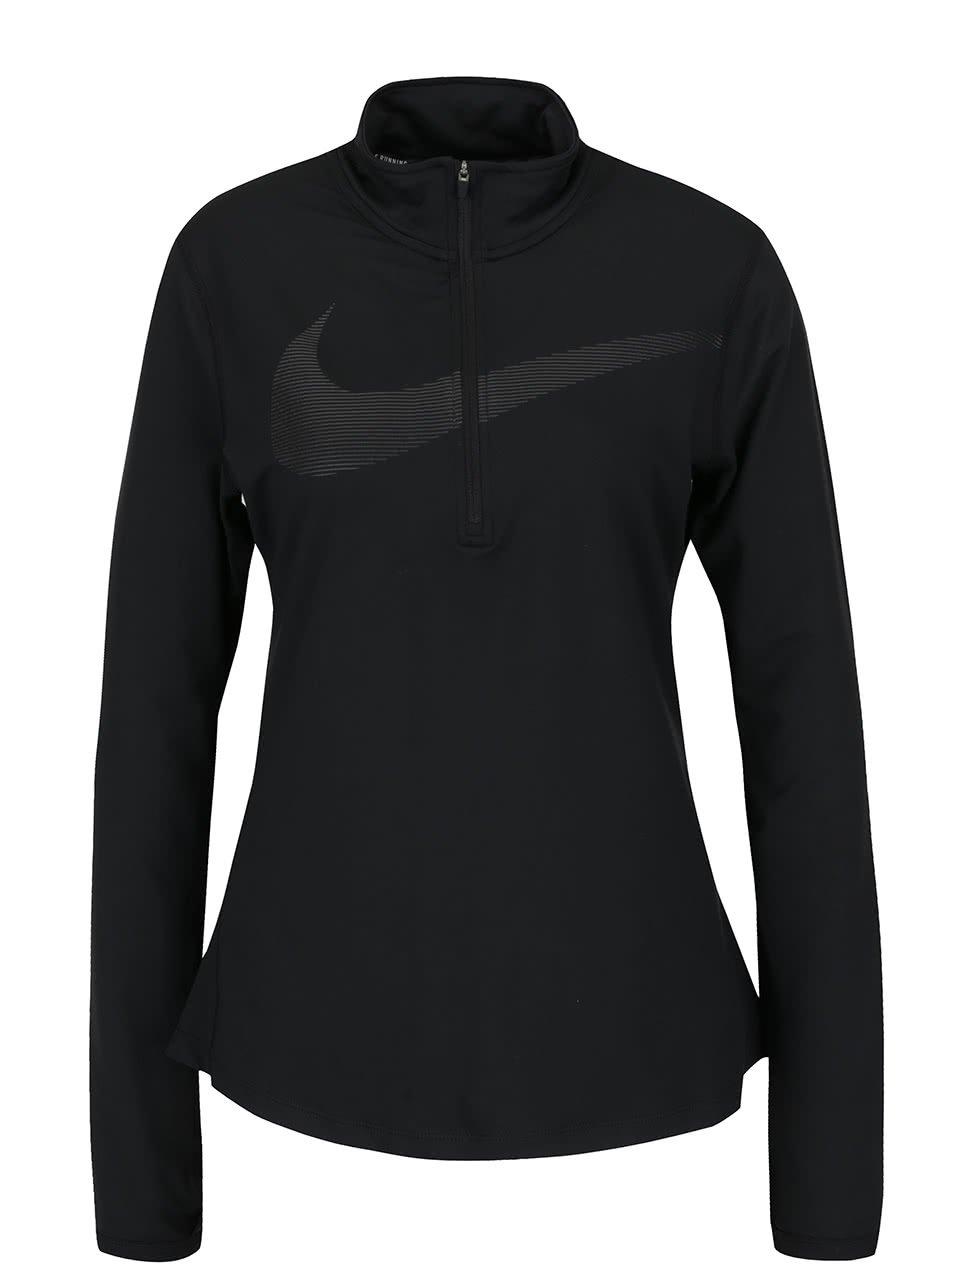 Černá dámská lehká mikina Nike Dry Element